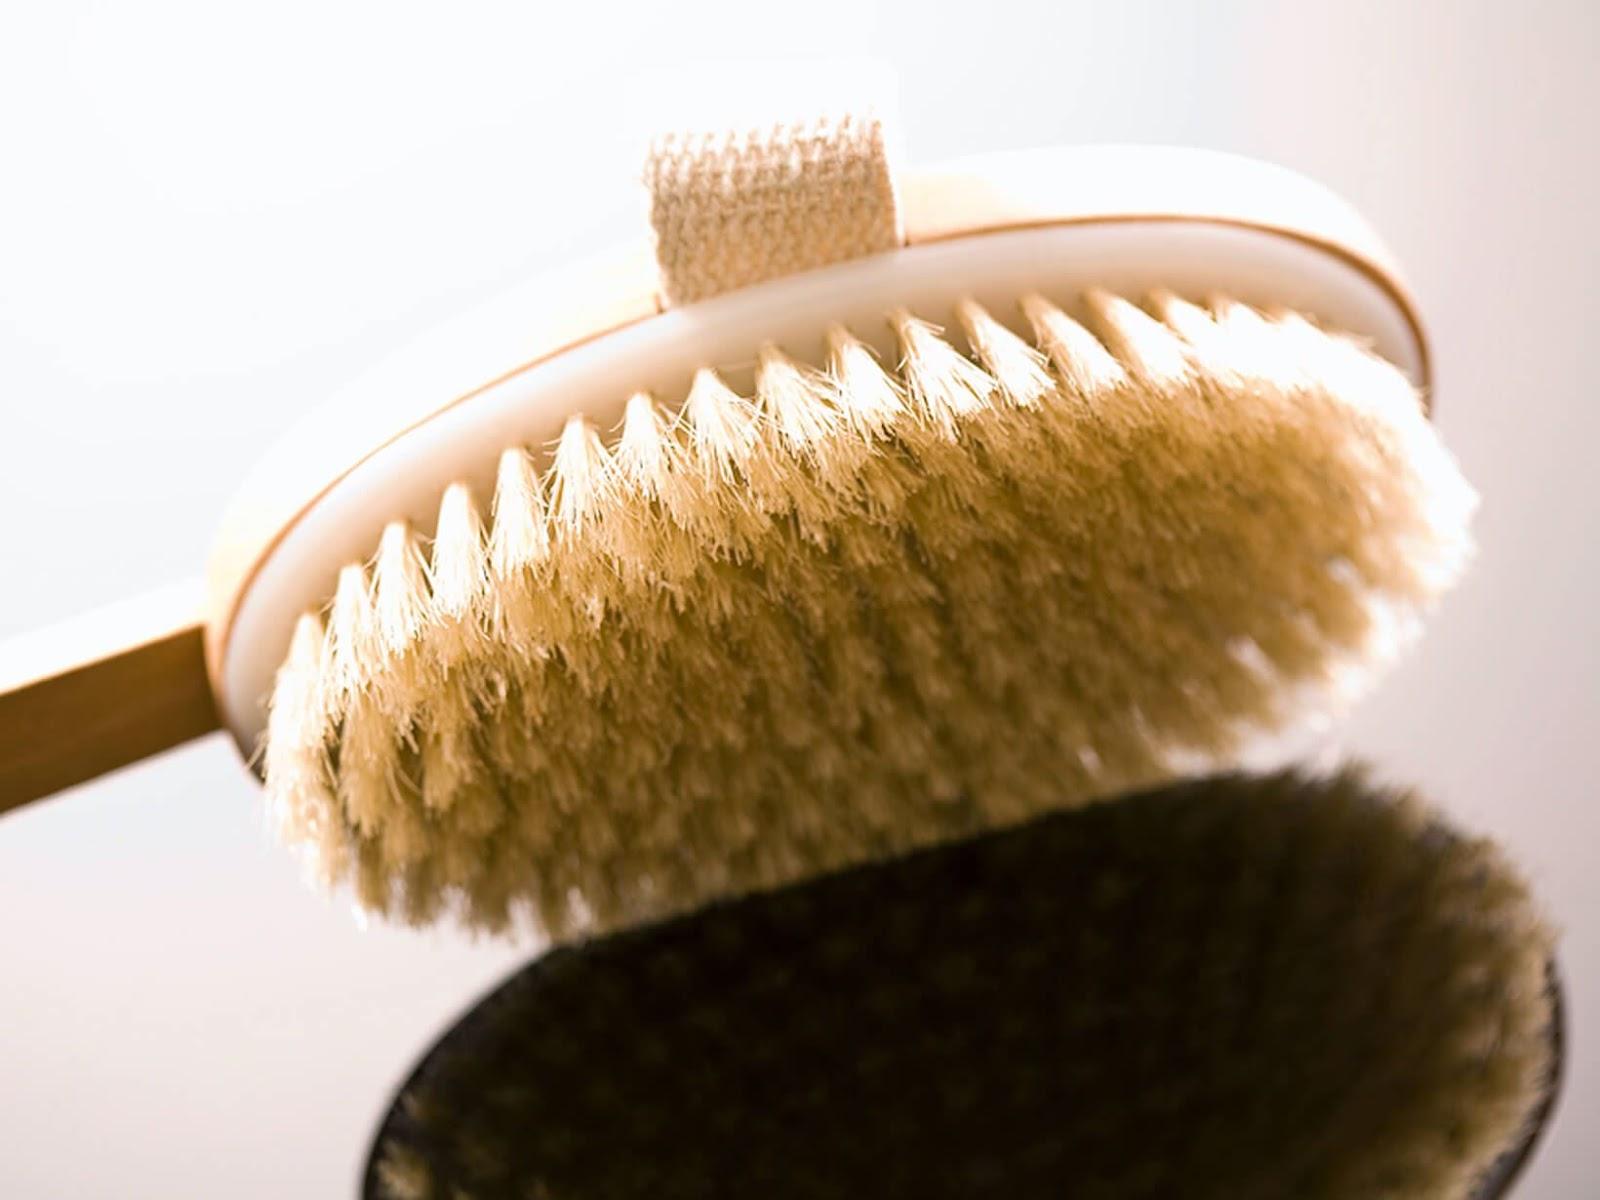 Haarbürste Reinigen Essig